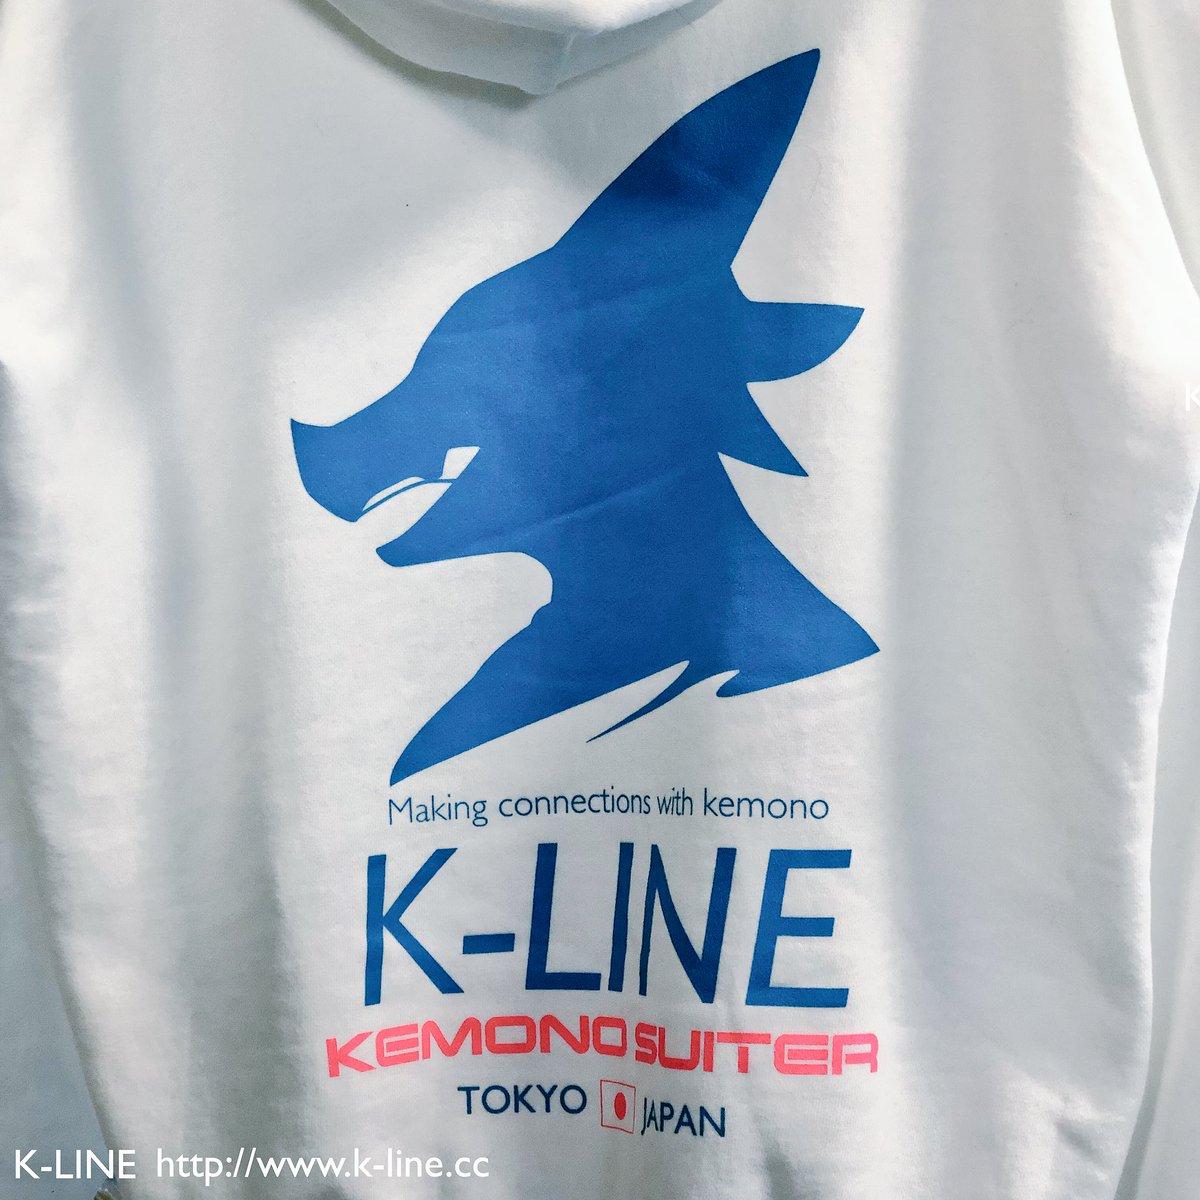 K-LINE🌴関けも▶︎お44 on Twitter: